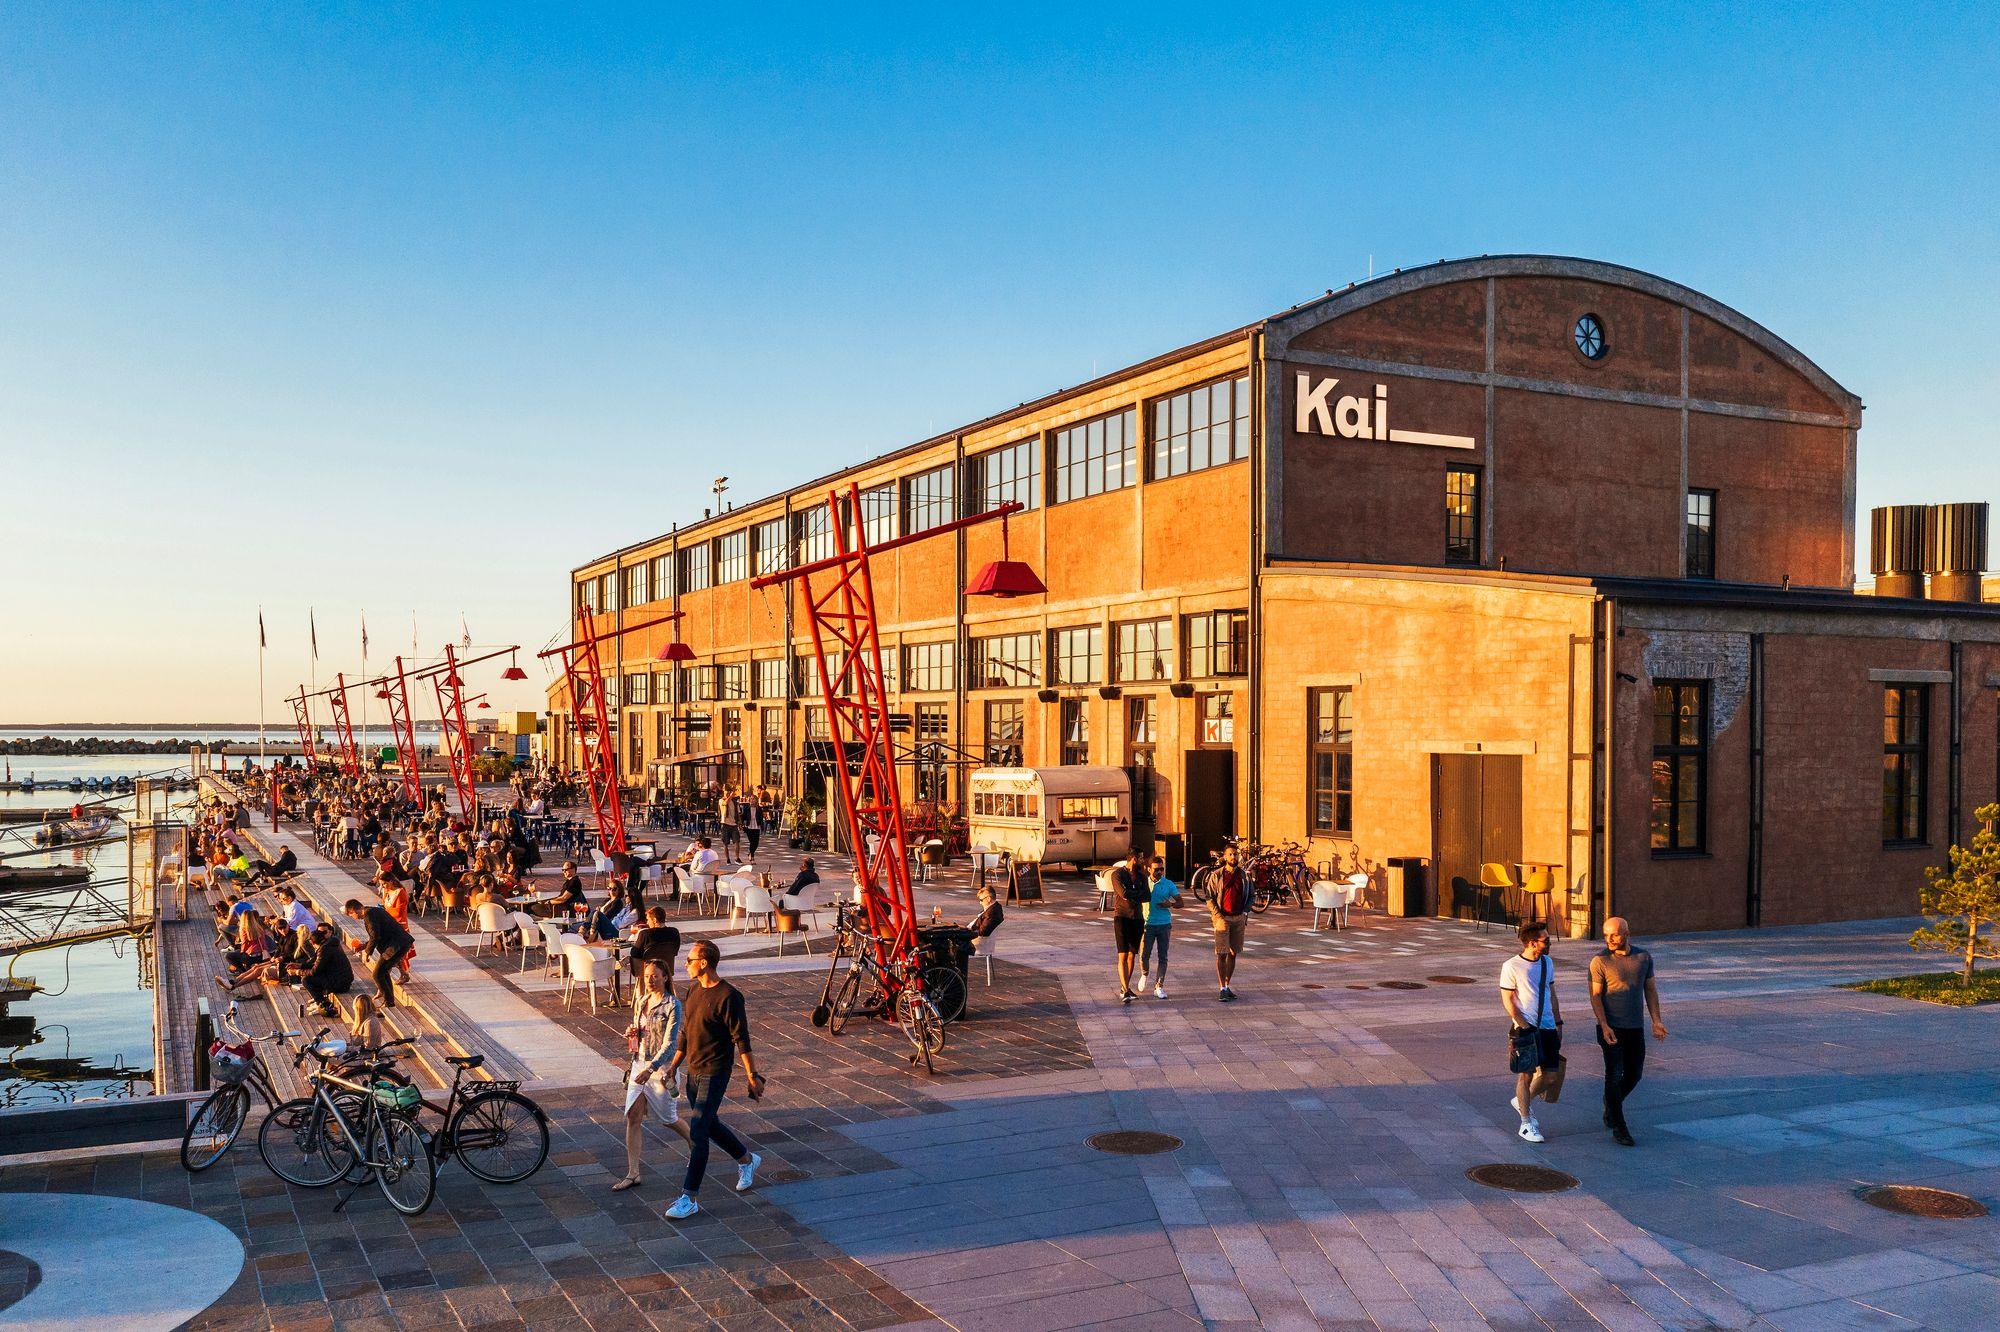 Sukellusveneiden ja satamateollisuuden korttelit Noblessnerissa ovat nykyisin Tallinnan suosituimpia alueita.